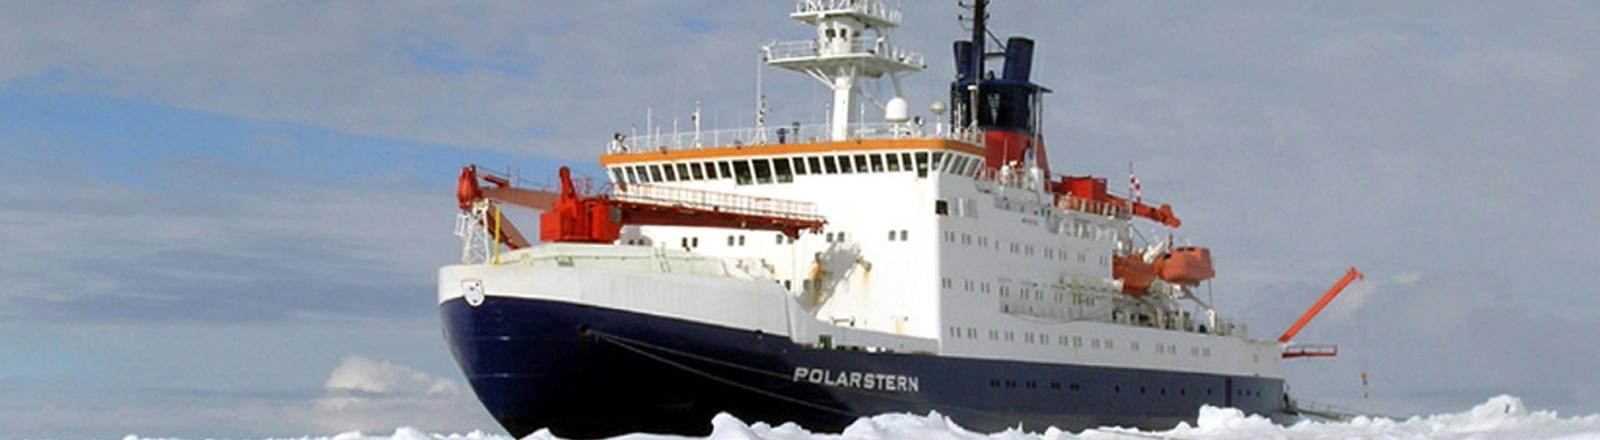 Forschungsschiff Polarstern in der Antarktis